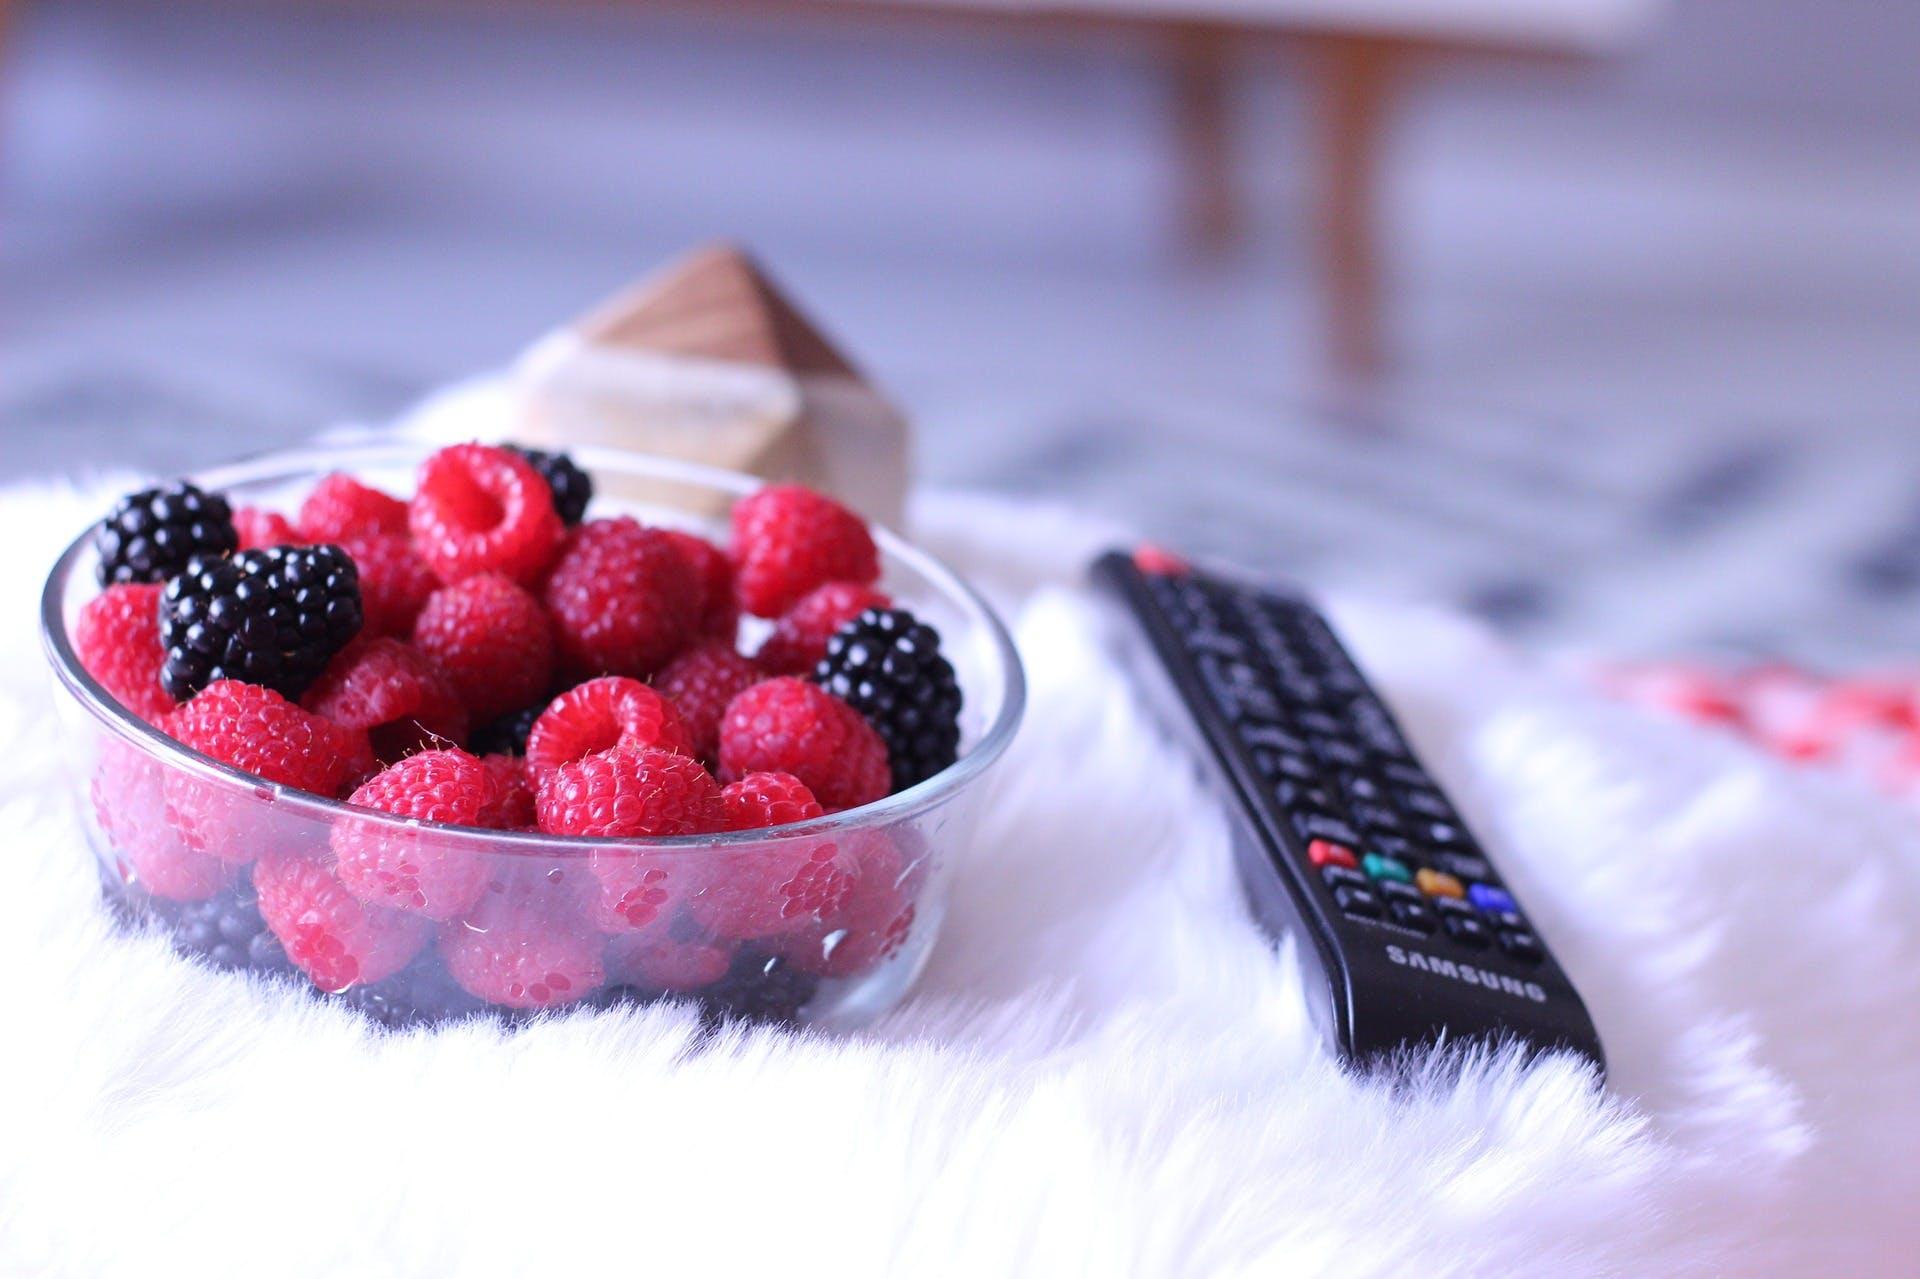 Ny serie på SVT: Bästa dieten